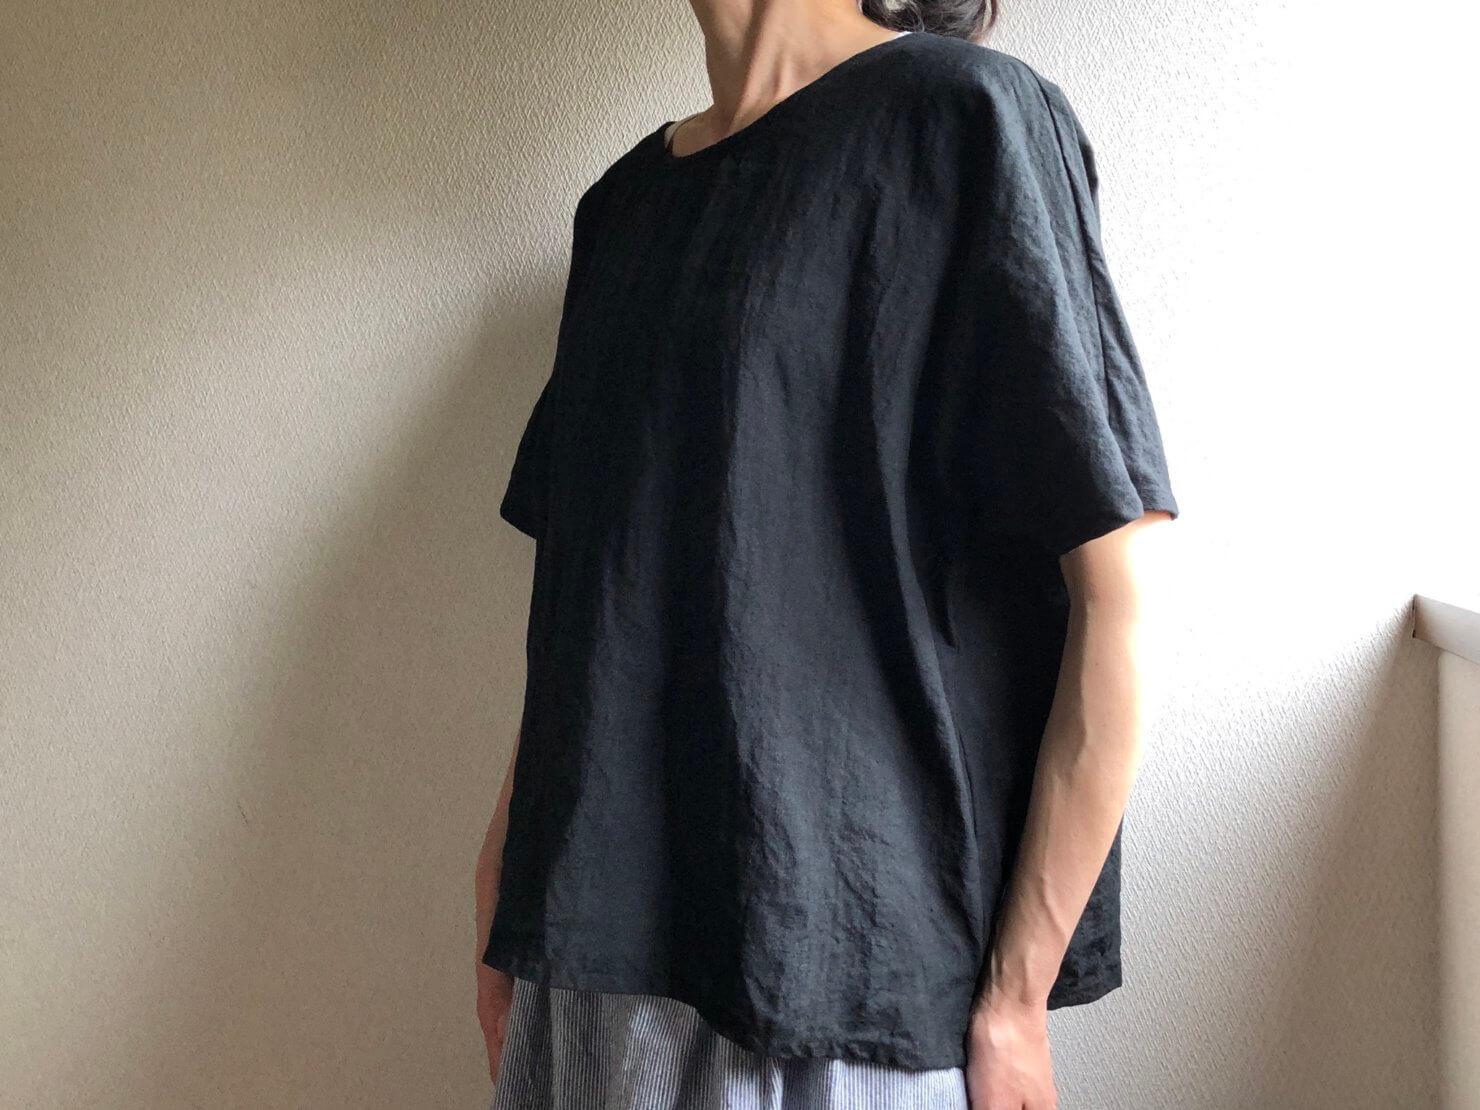 黒リネン半袖ブラウス6